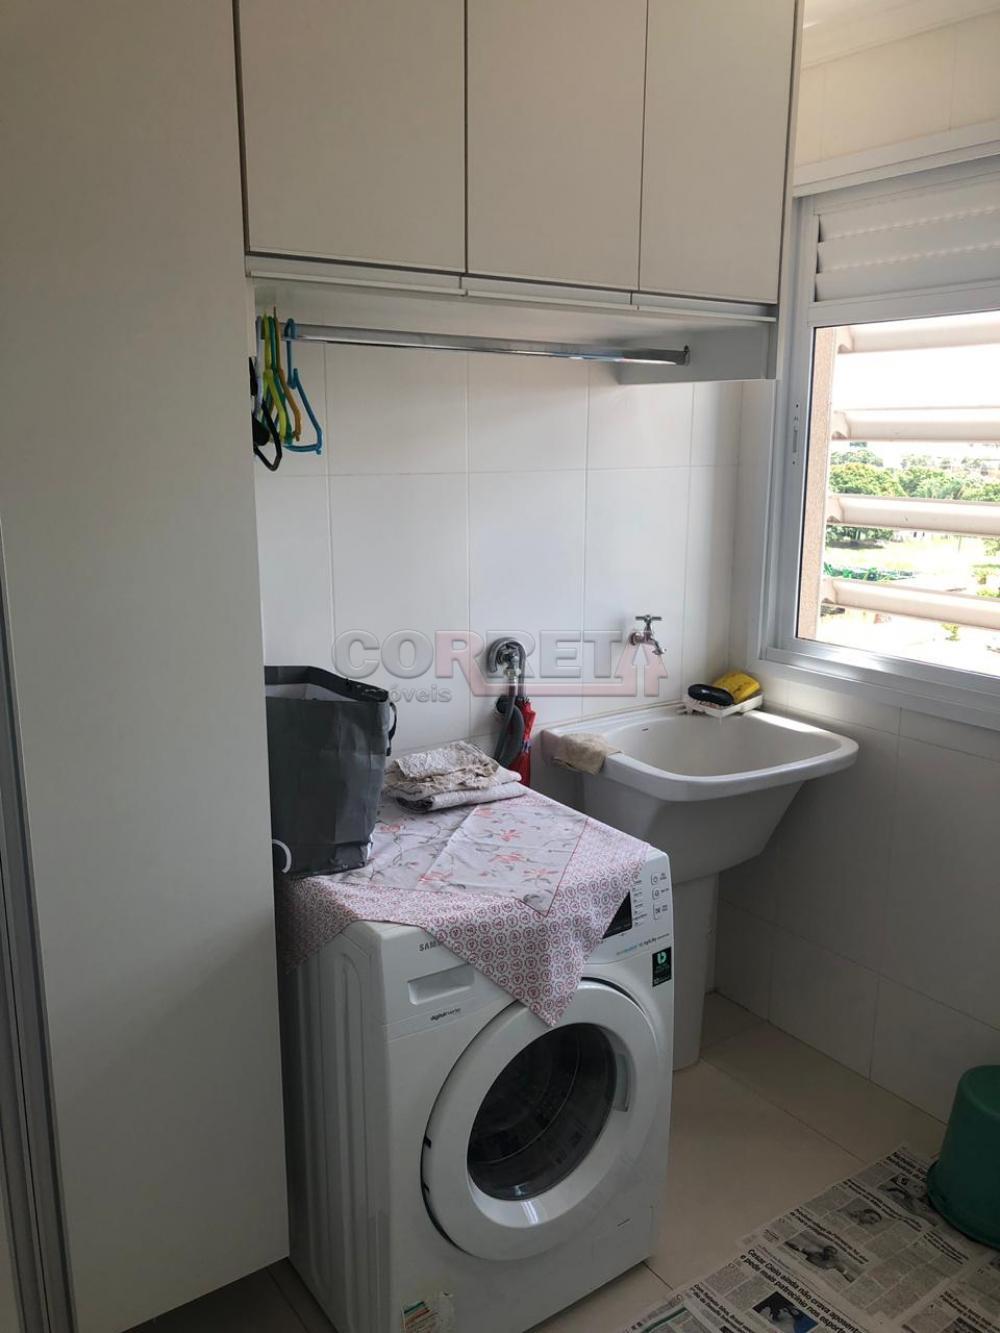 Comprar Apartamento / Padrão em Araçatuba R$ 570.000,00 - Foto 18